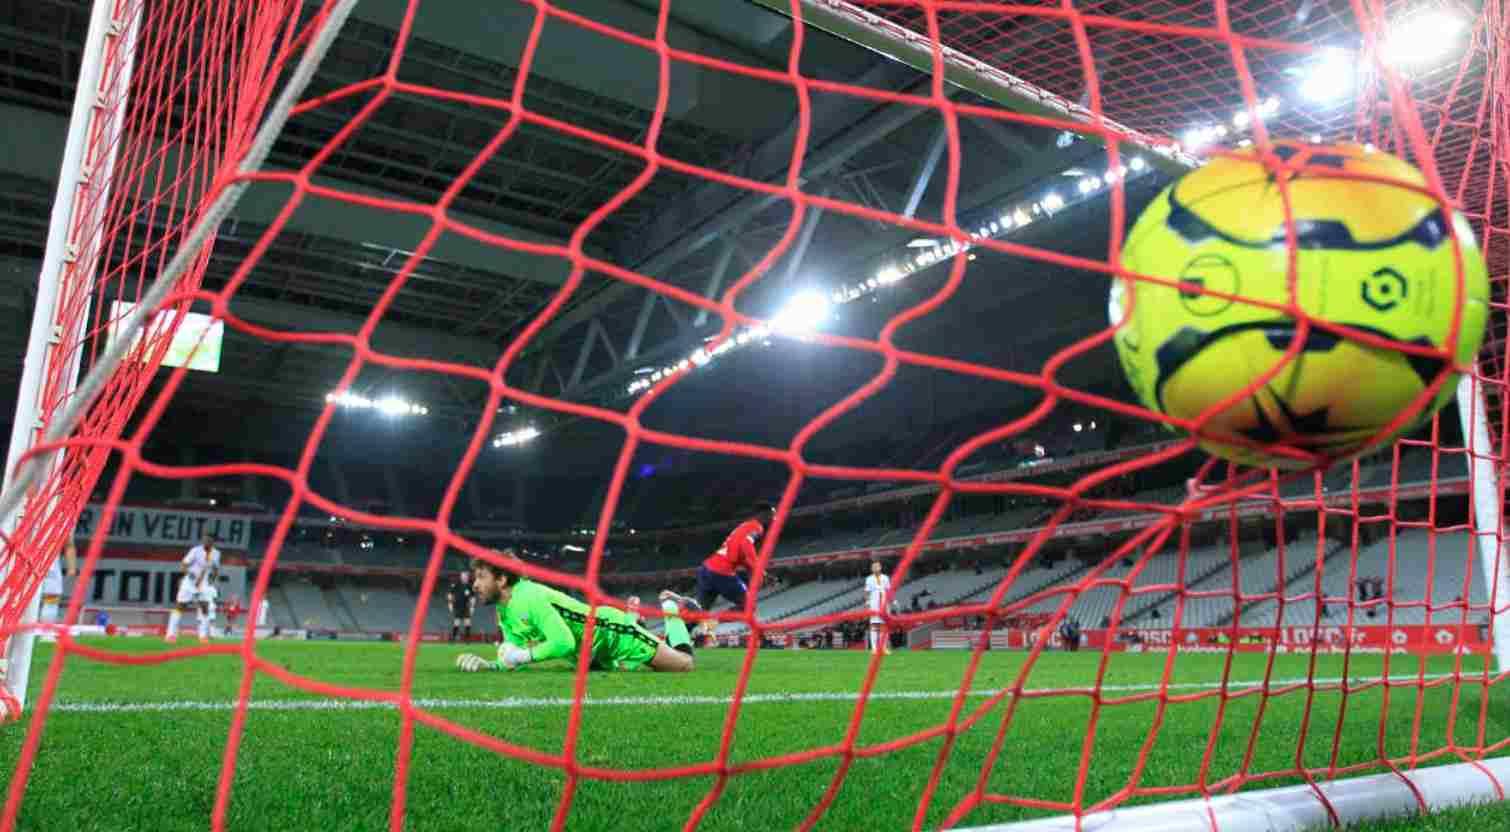 ¿Por qué la Ligue 1 pasa de 20 a 18 clubes?